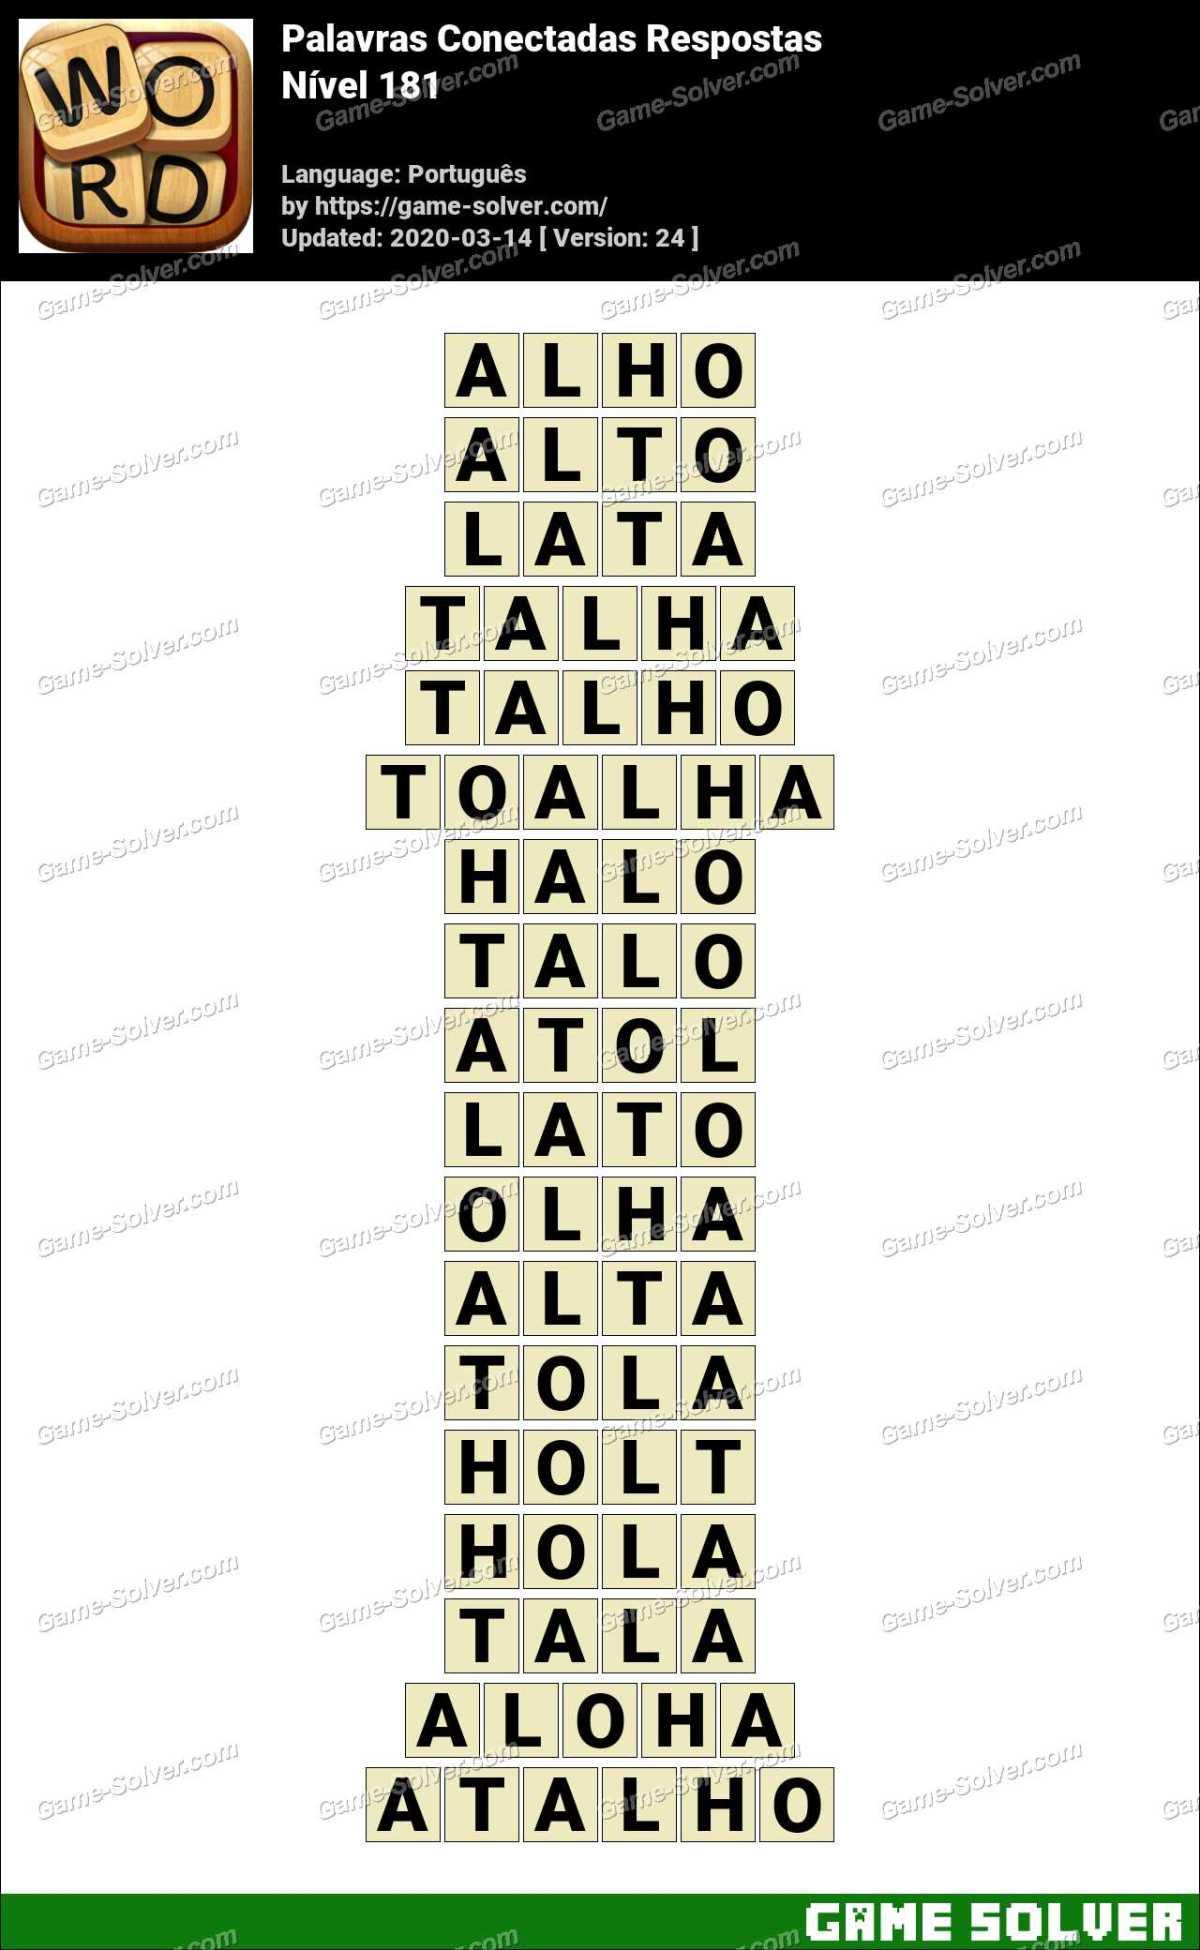 Palavras Conectadas Nivel 181 Respostas